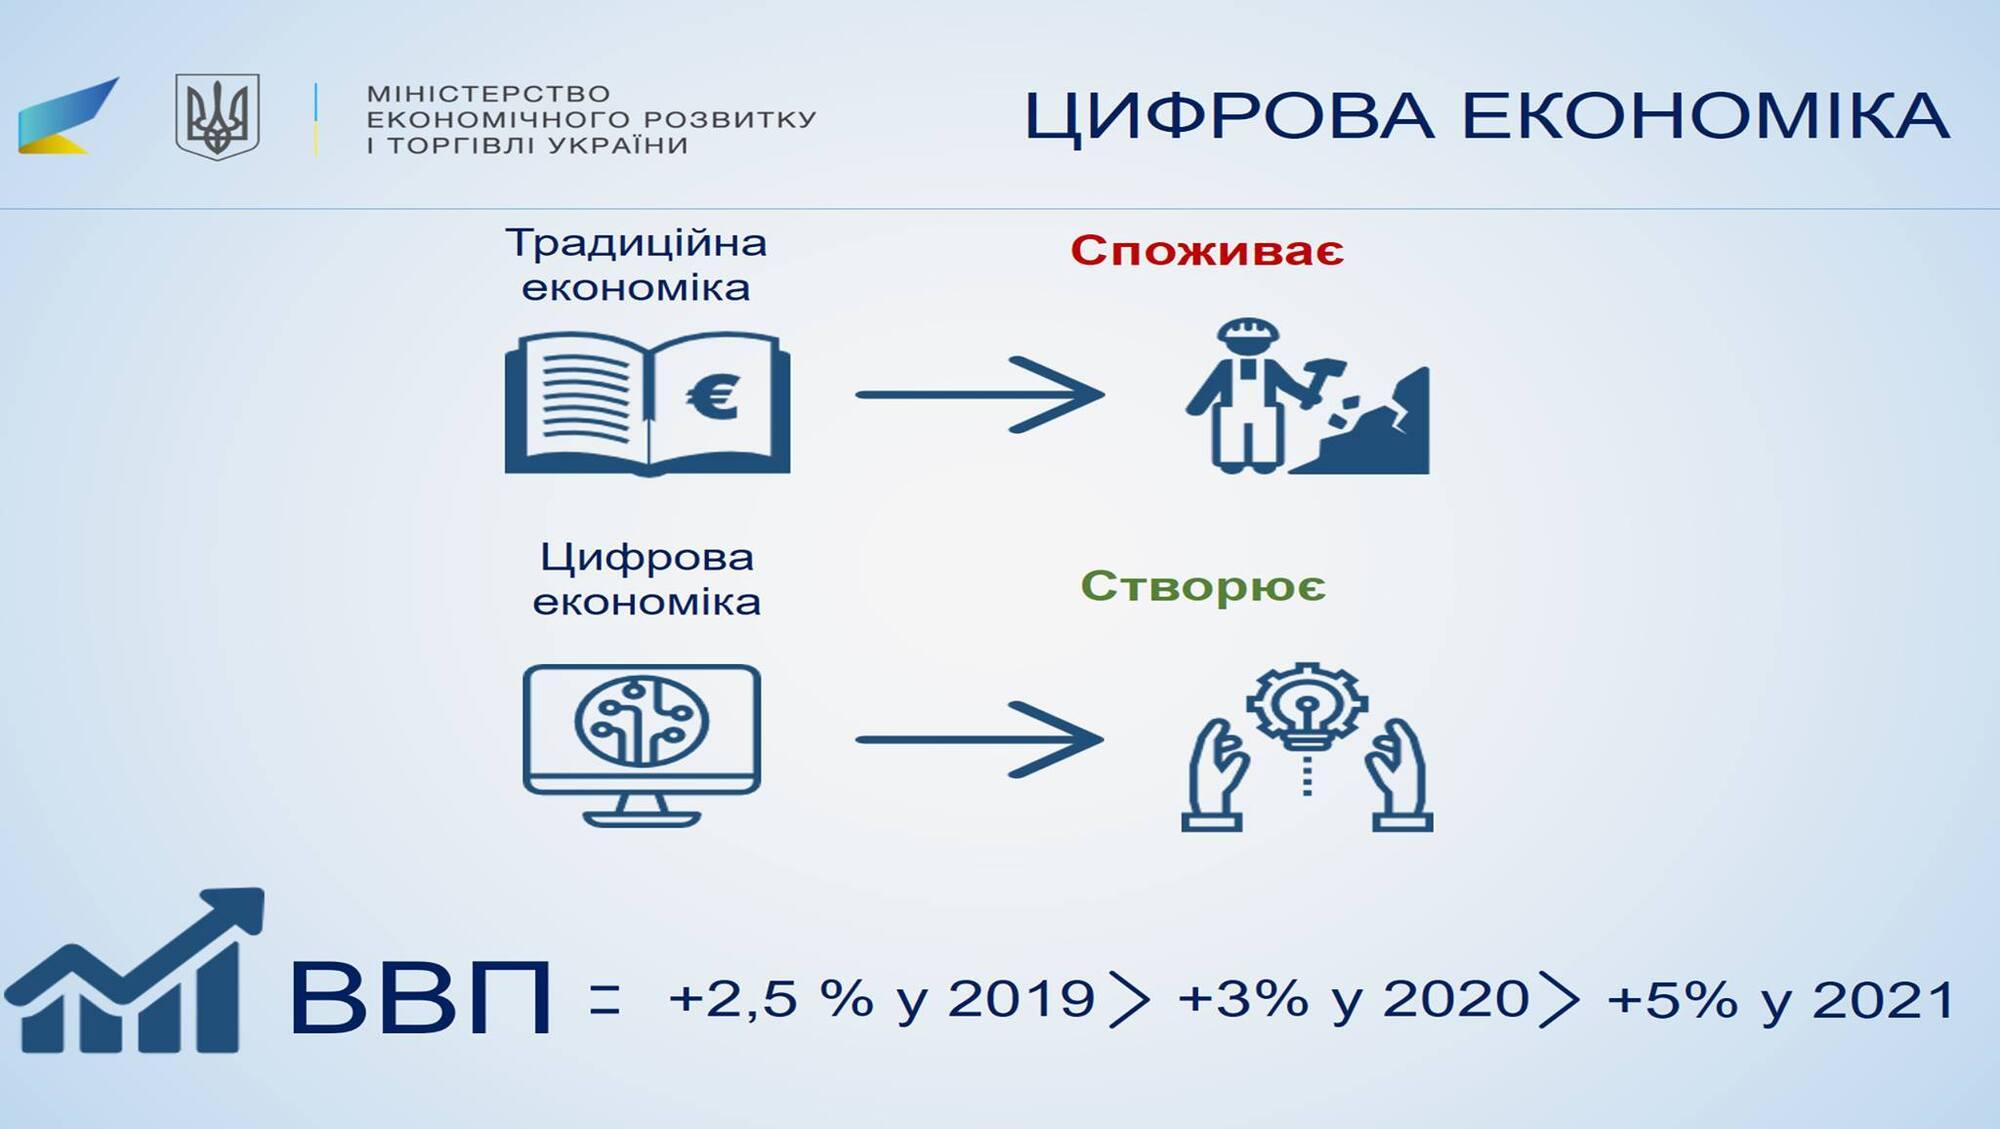 Блокчейн, eHealth и смарт-фабрики: Украина сделала мощный прорыв